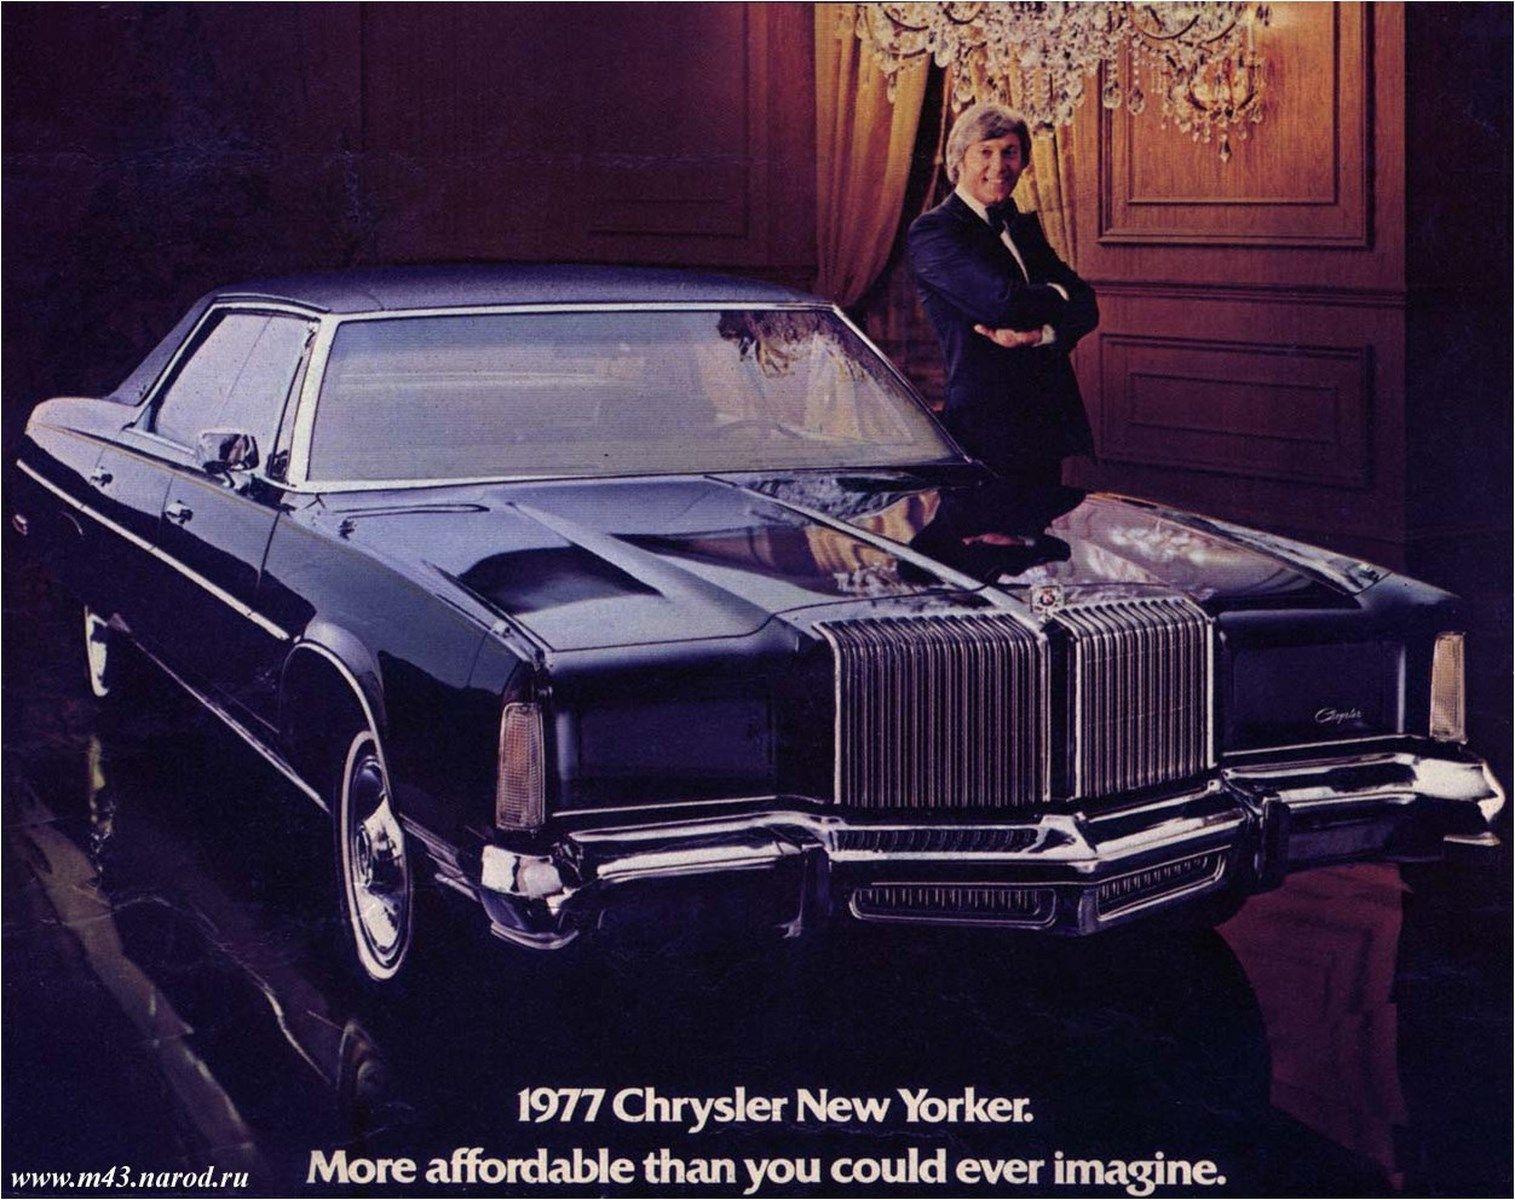 1977 Chrysler New Yorker 4 Door Hardtop